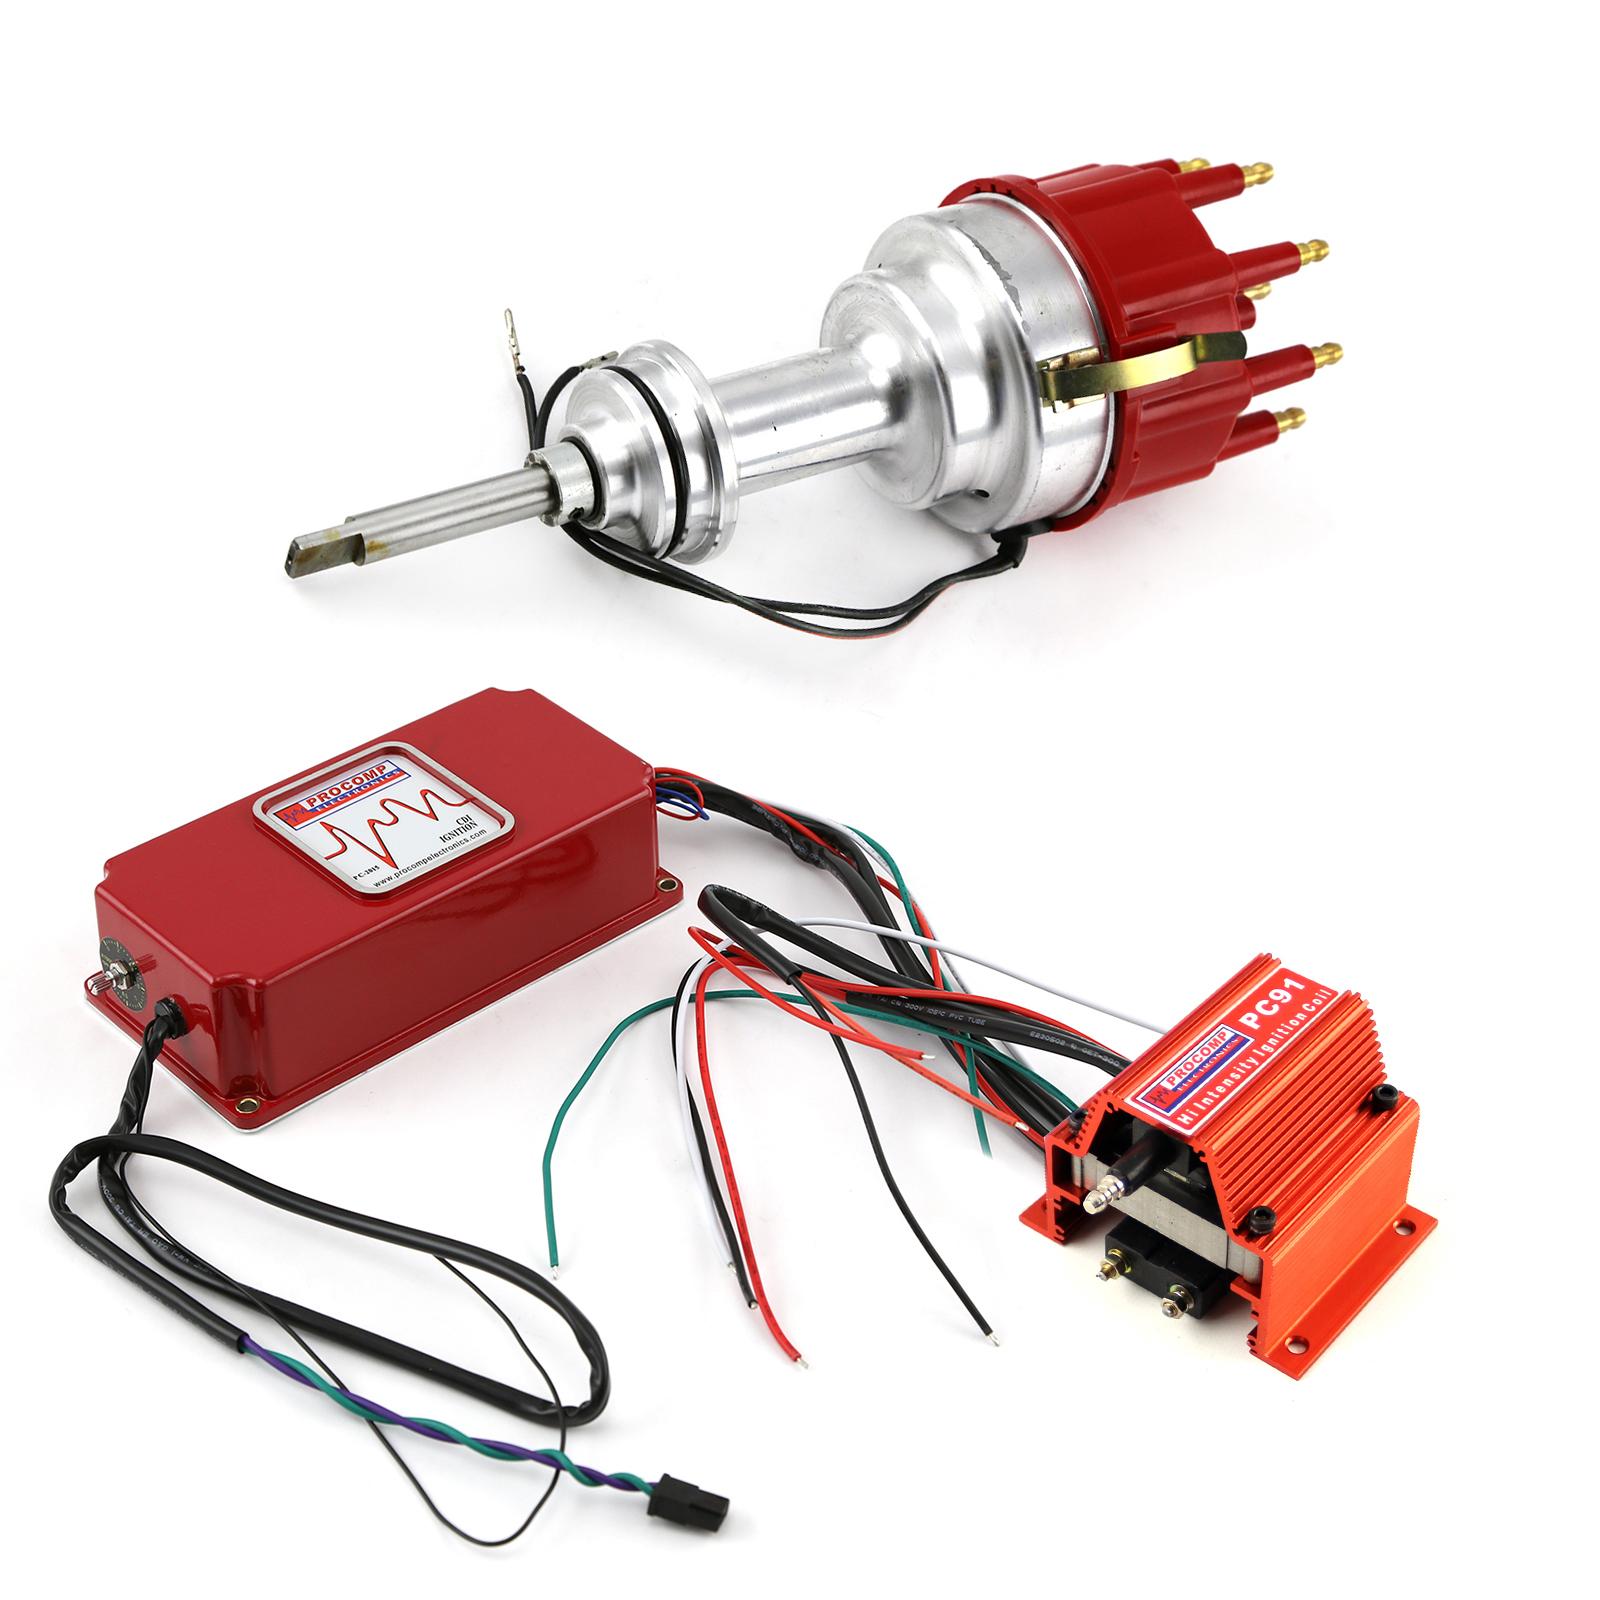 Mopar Chrysler BB 440 Pro Billet Distributor 6AL CDI Ignition & Coil Kit